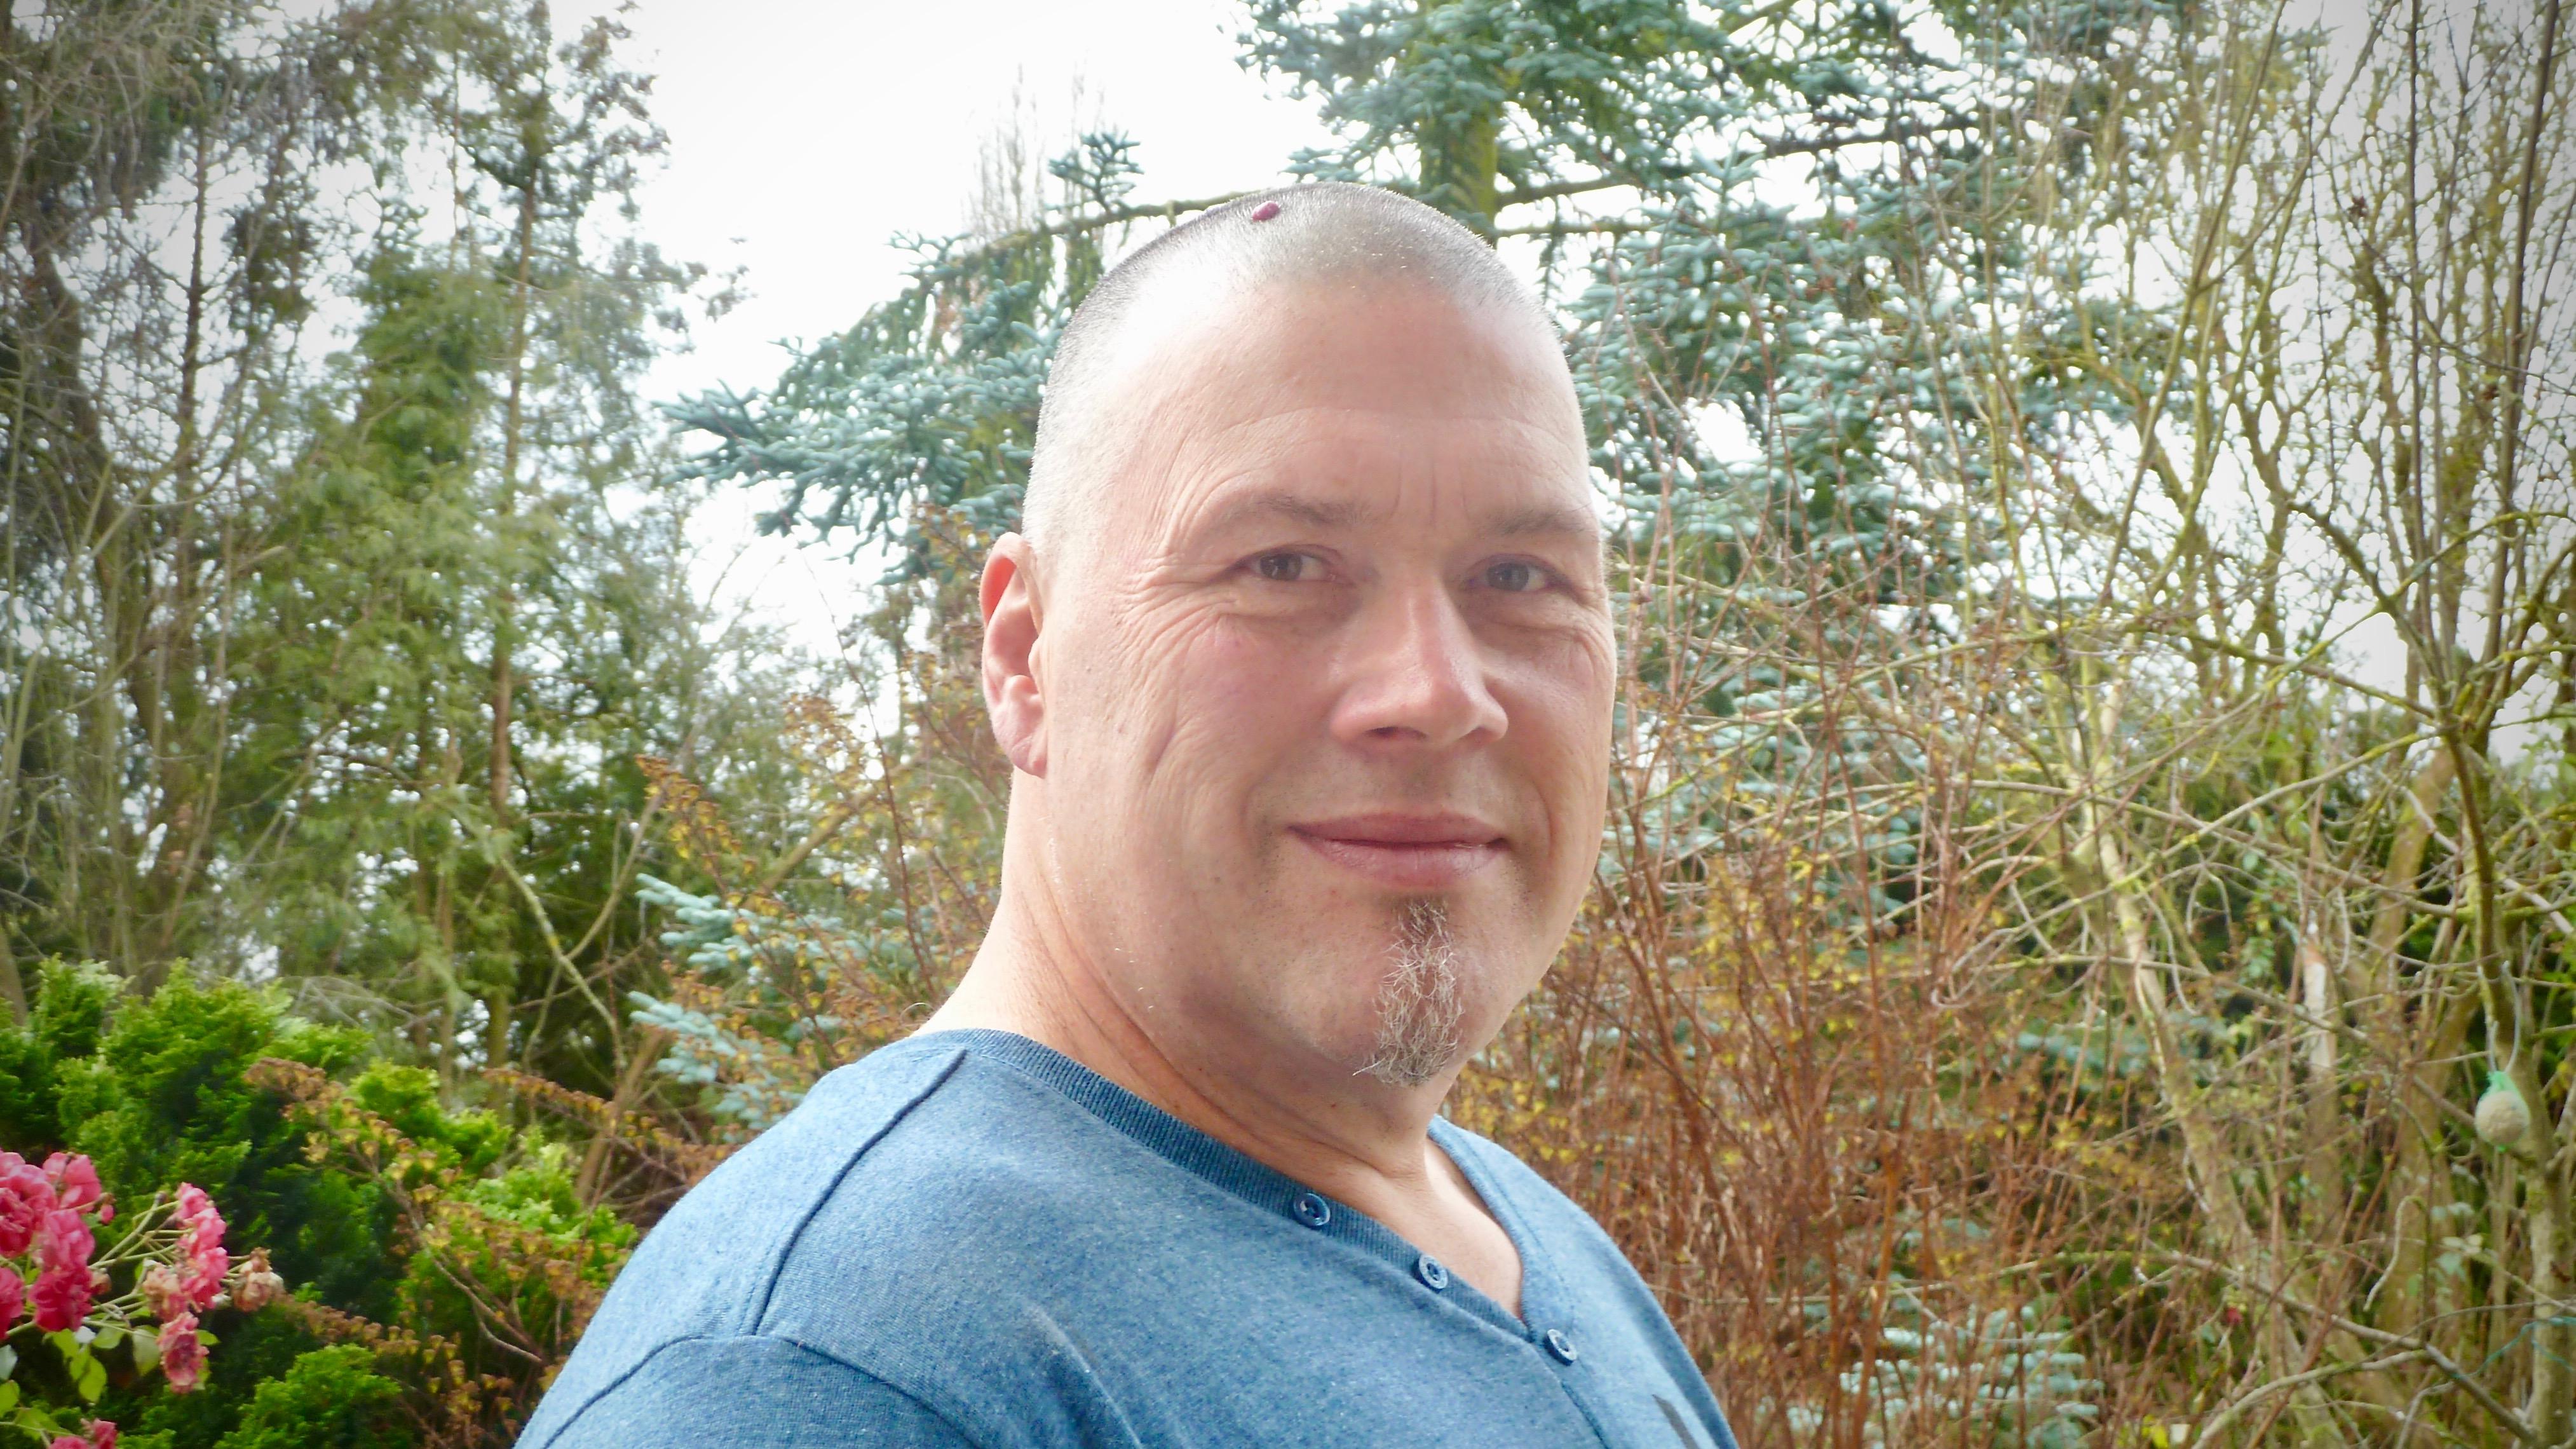 Michael Mazurek